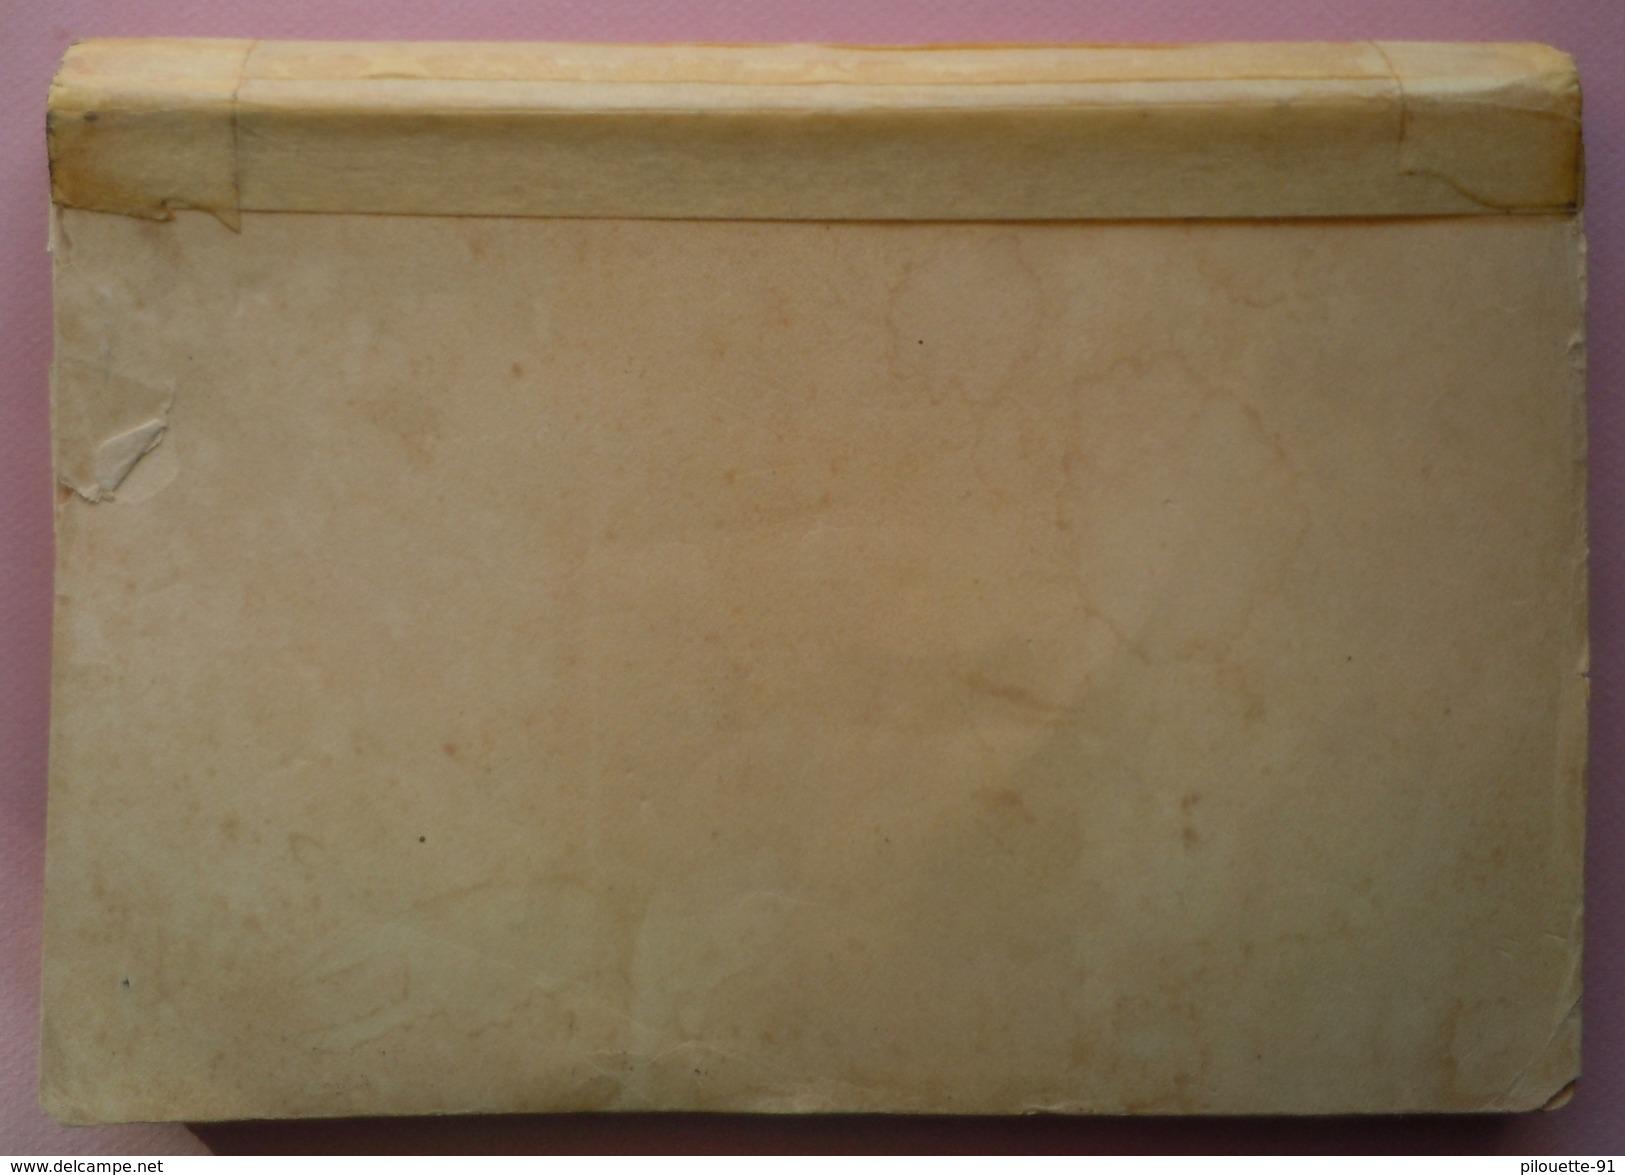 Le Vocabulaire Du Parler Créole De La Martinique Par Elodie JOURDAIN (Docteur ès Lettres) 1956 Librairie C. KLINCKSIECK - Outre-Mer